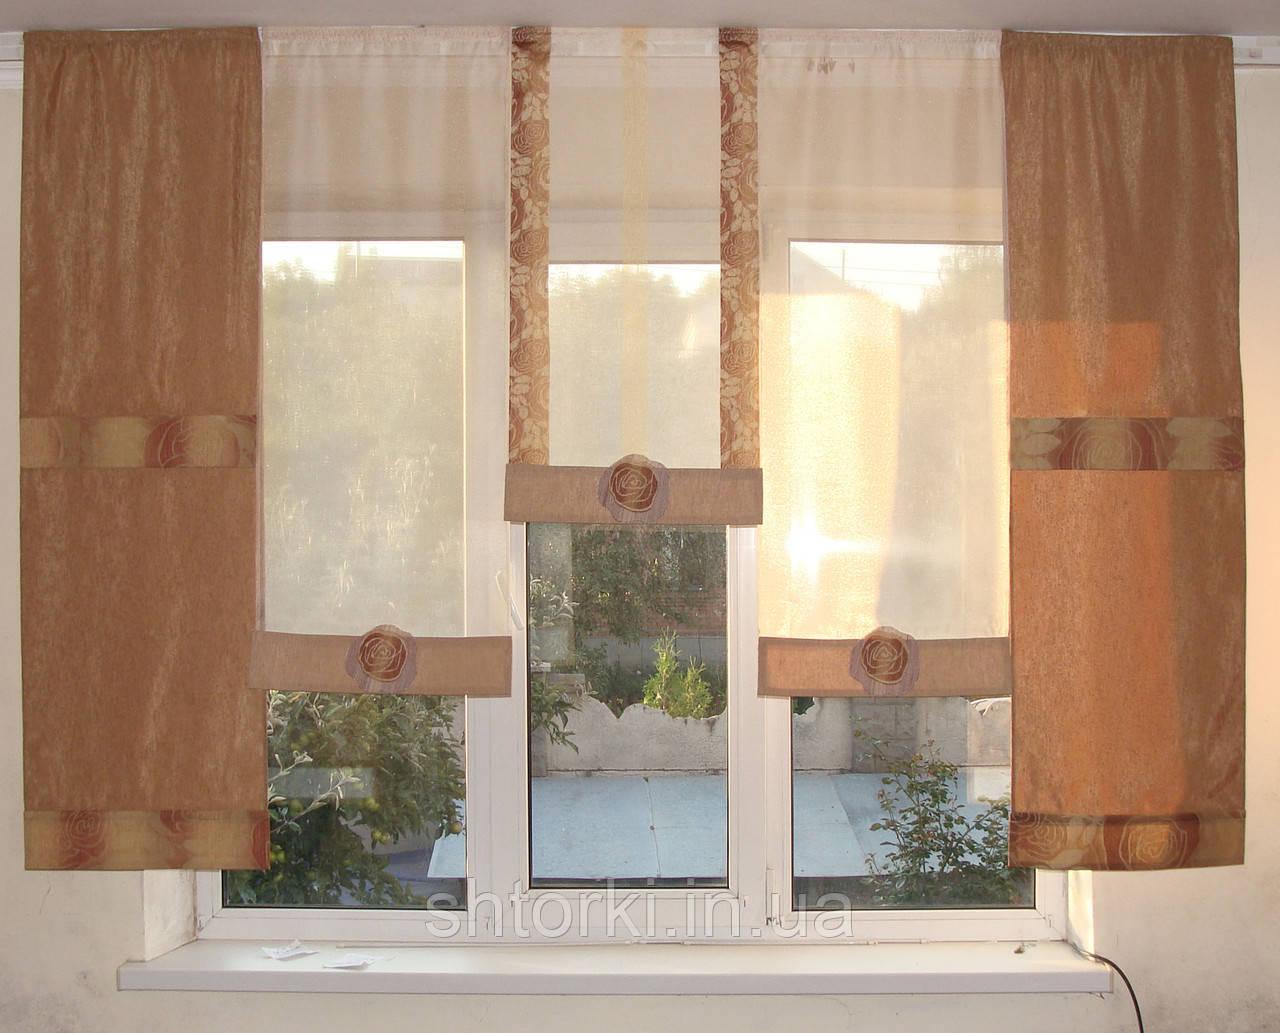 Комплект панельных шторок розы коричневые, 2м